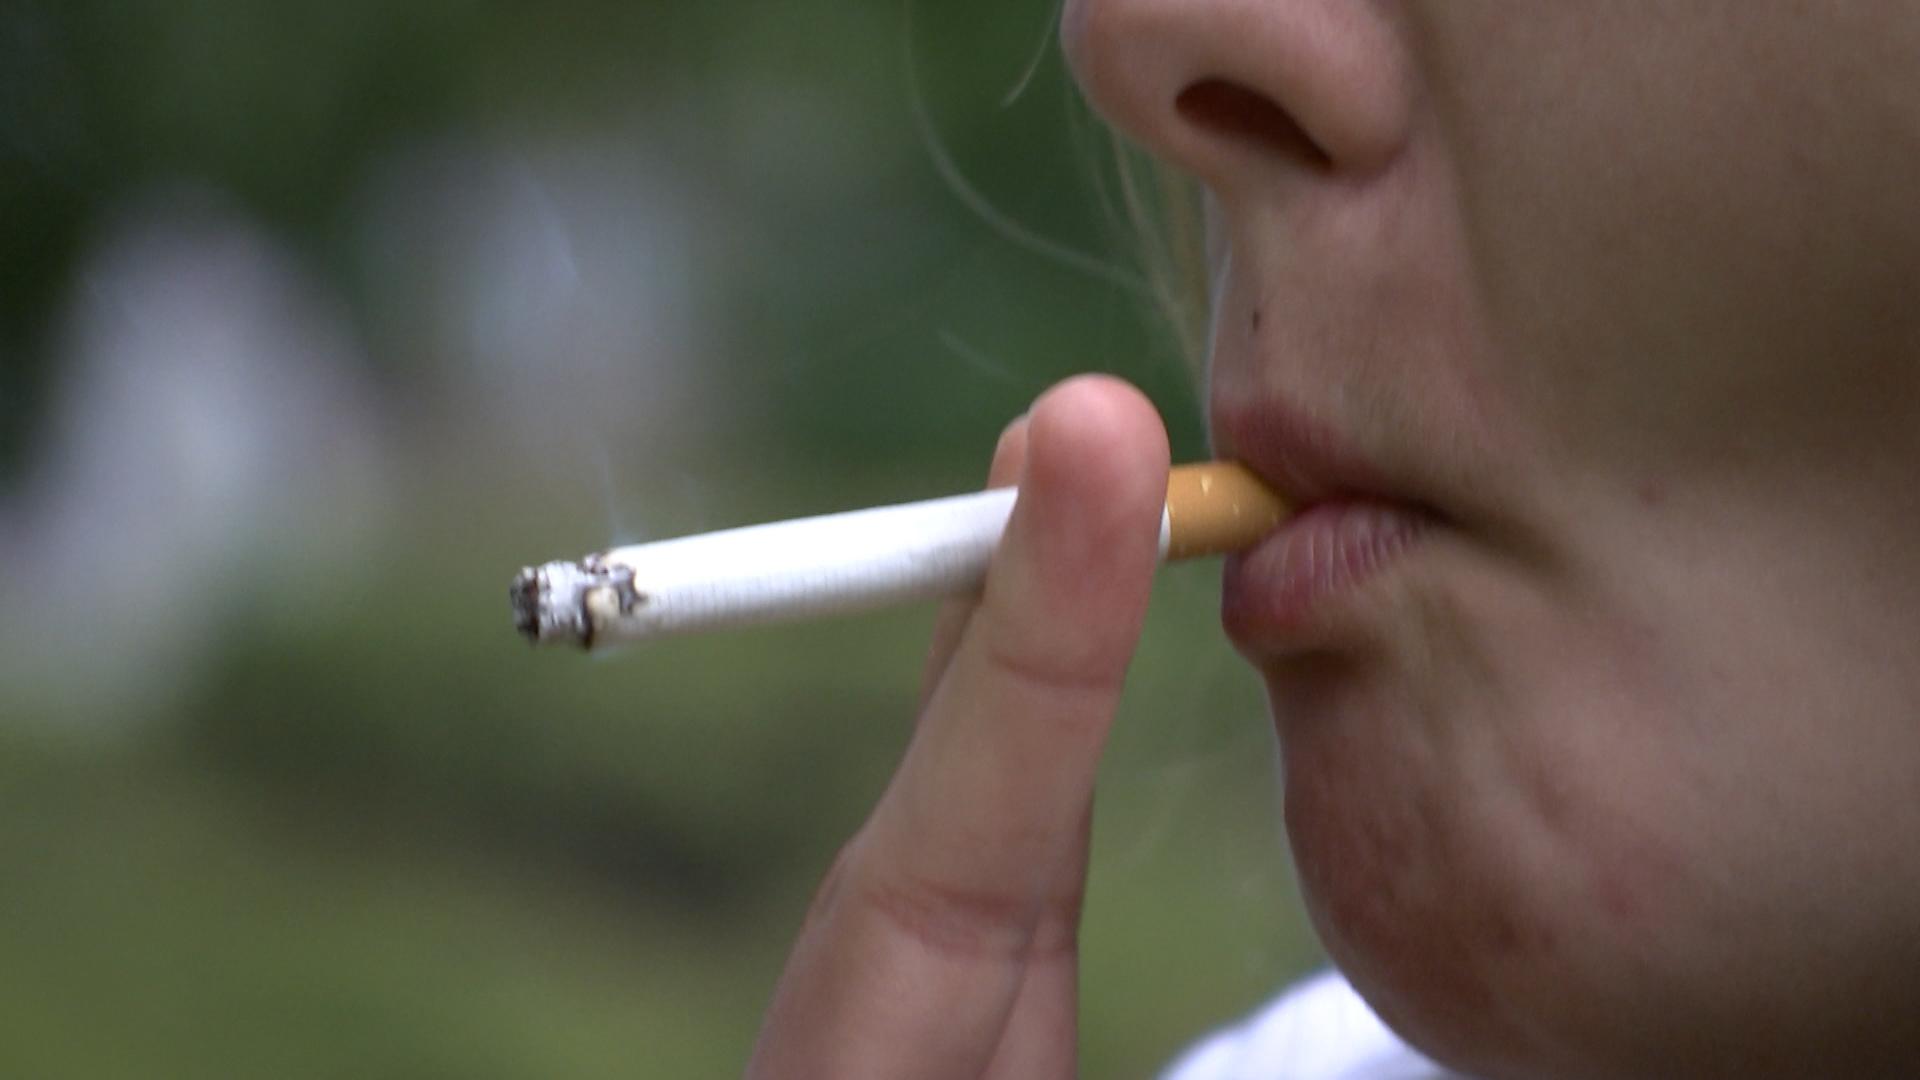 louh_rygelov_cigaret.jpg